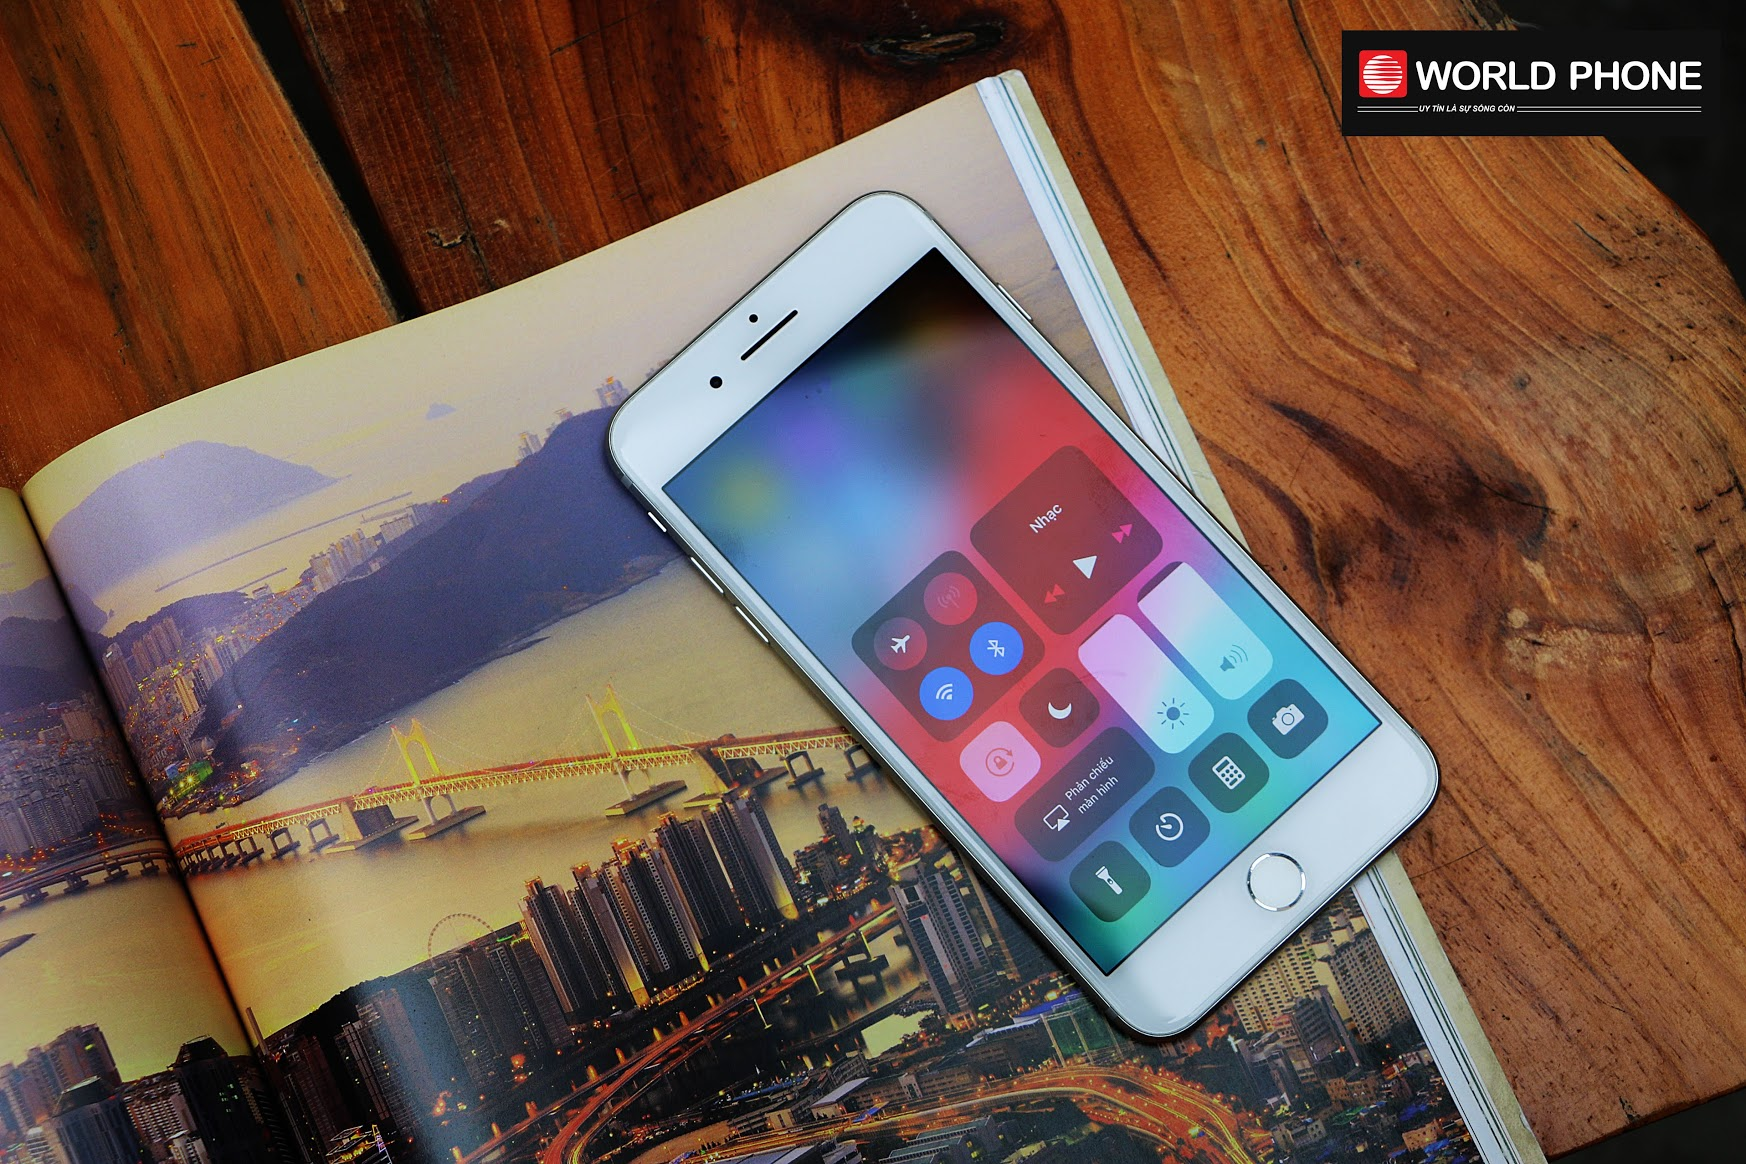 iPhone 7 vẫn là lựa chọn được nhiều thế hệ người dùng ưa chuộng với tính năng hấp dẫn